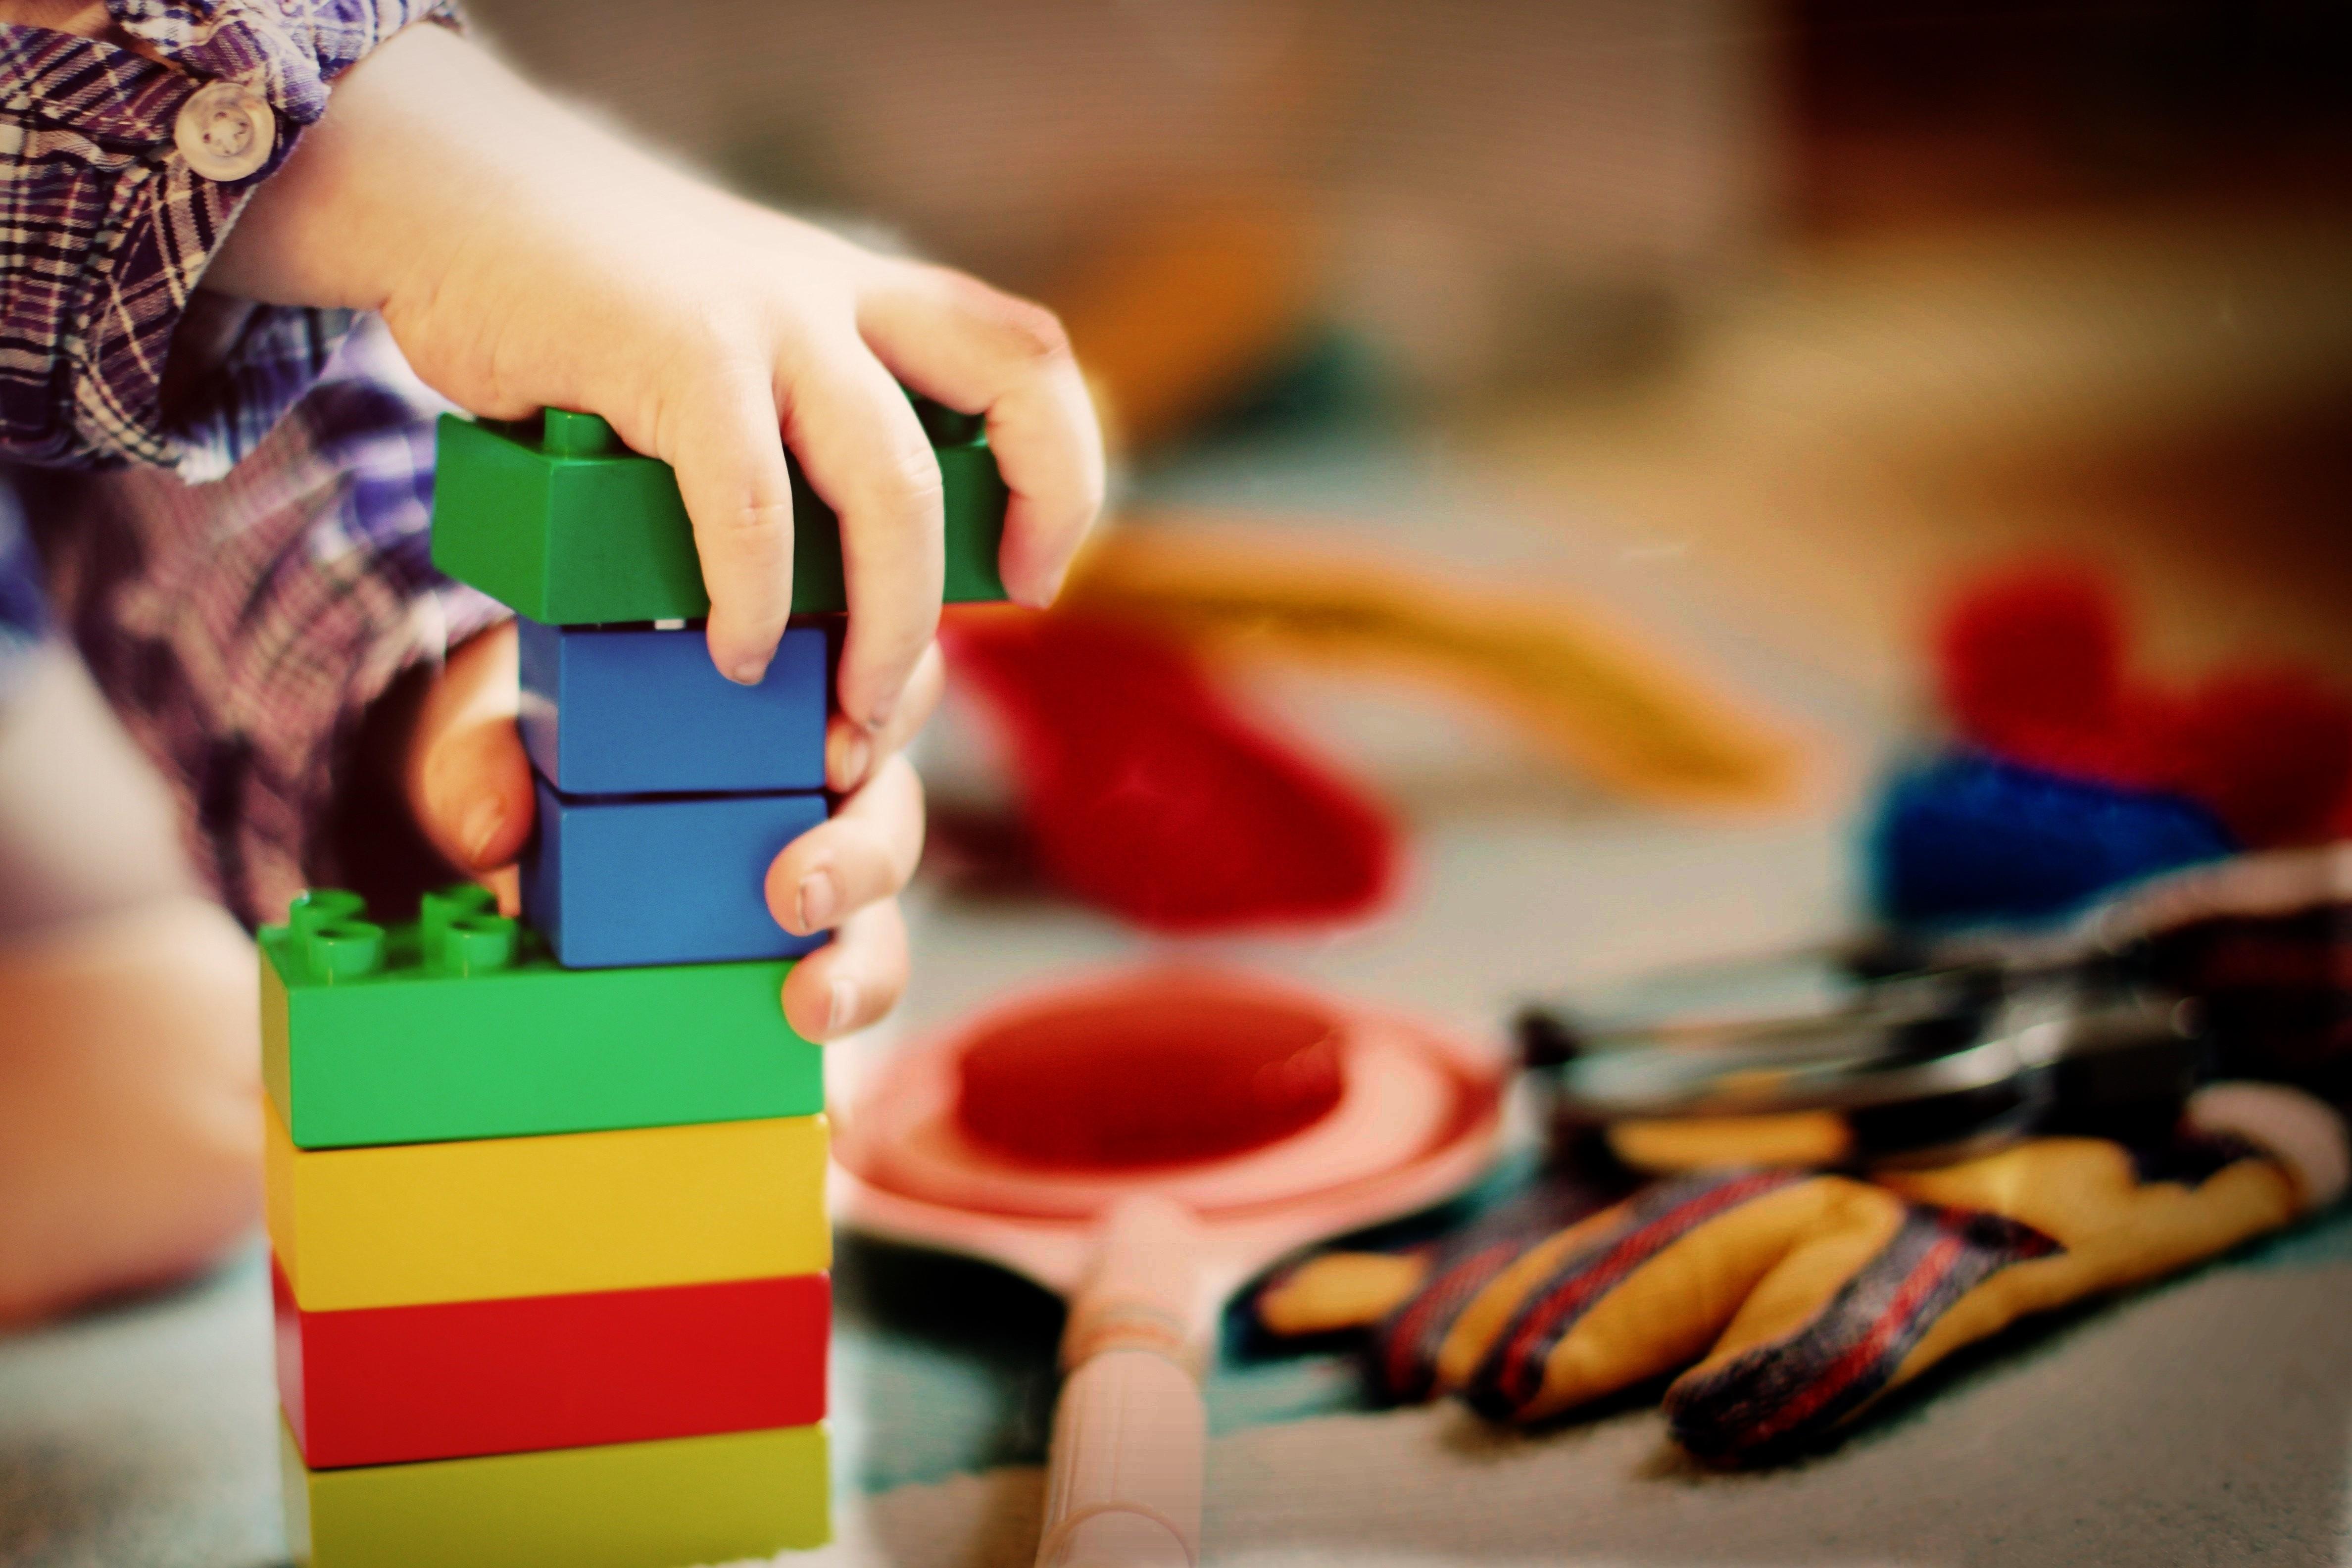 zbiórka dla biednych dzieci caritas zabawki - Caritas Poznań